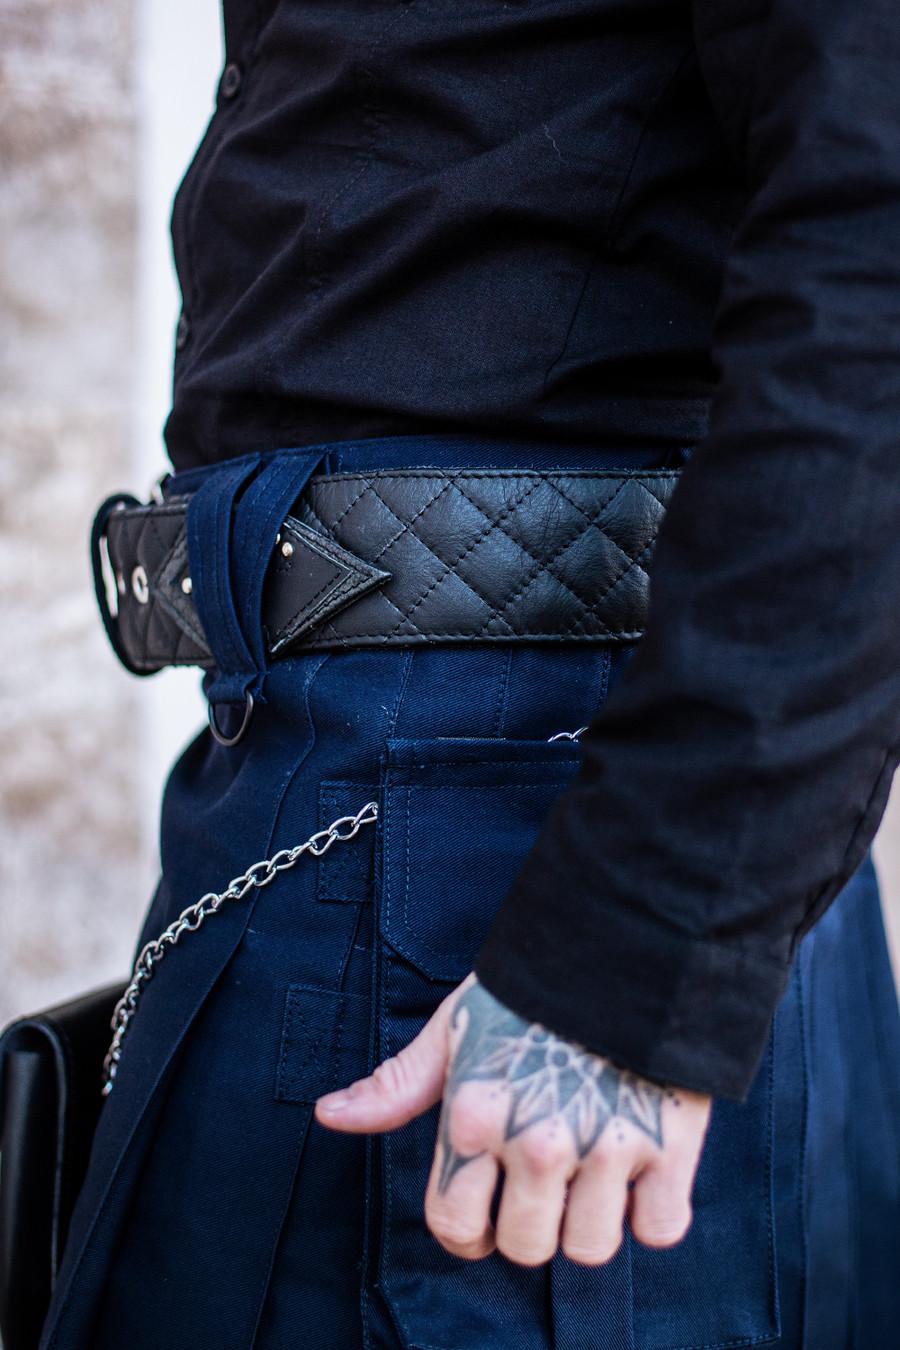 Myrmidon Kilt Belt